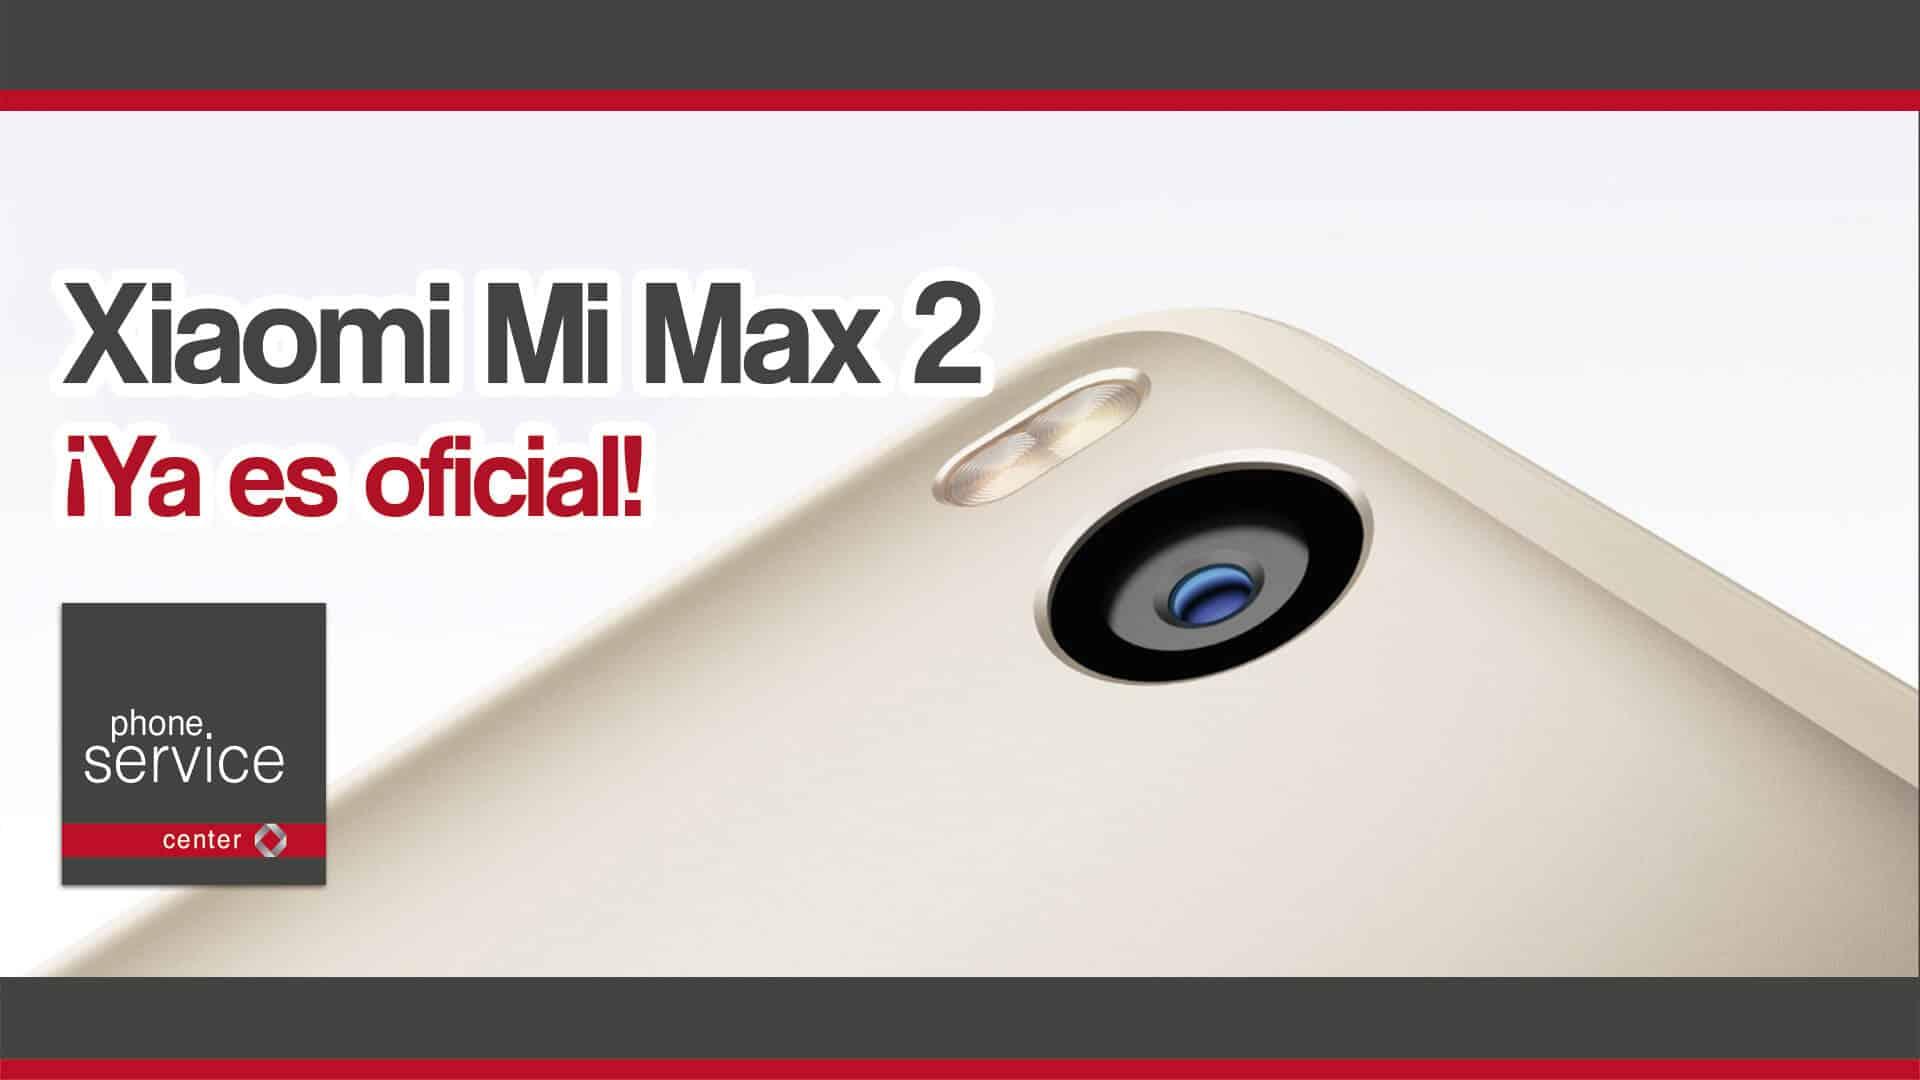 Xiaomi Mi Max 2 ya es oficial